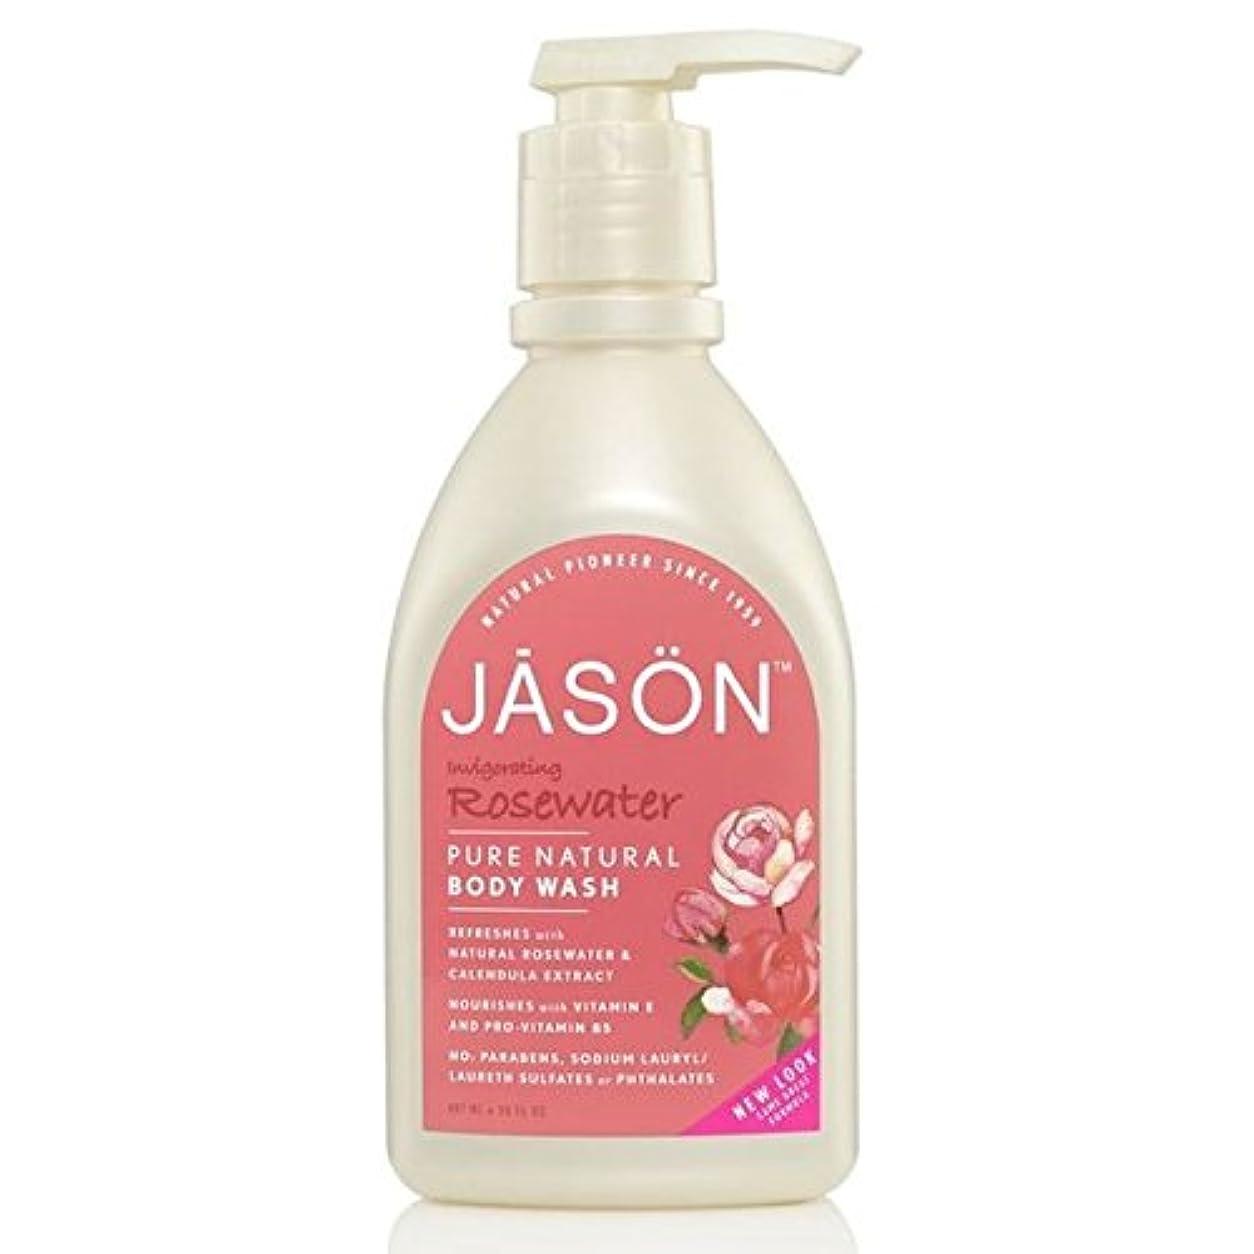 百年アソシエイトエンゲージメントJason Body Wash Rosewater Satin Shower 900ml (Pack of 6) - ジェイソン・ボディウォッシュローズウォーターサテンシャワー900ミリリットル x6 [並行輸入品]